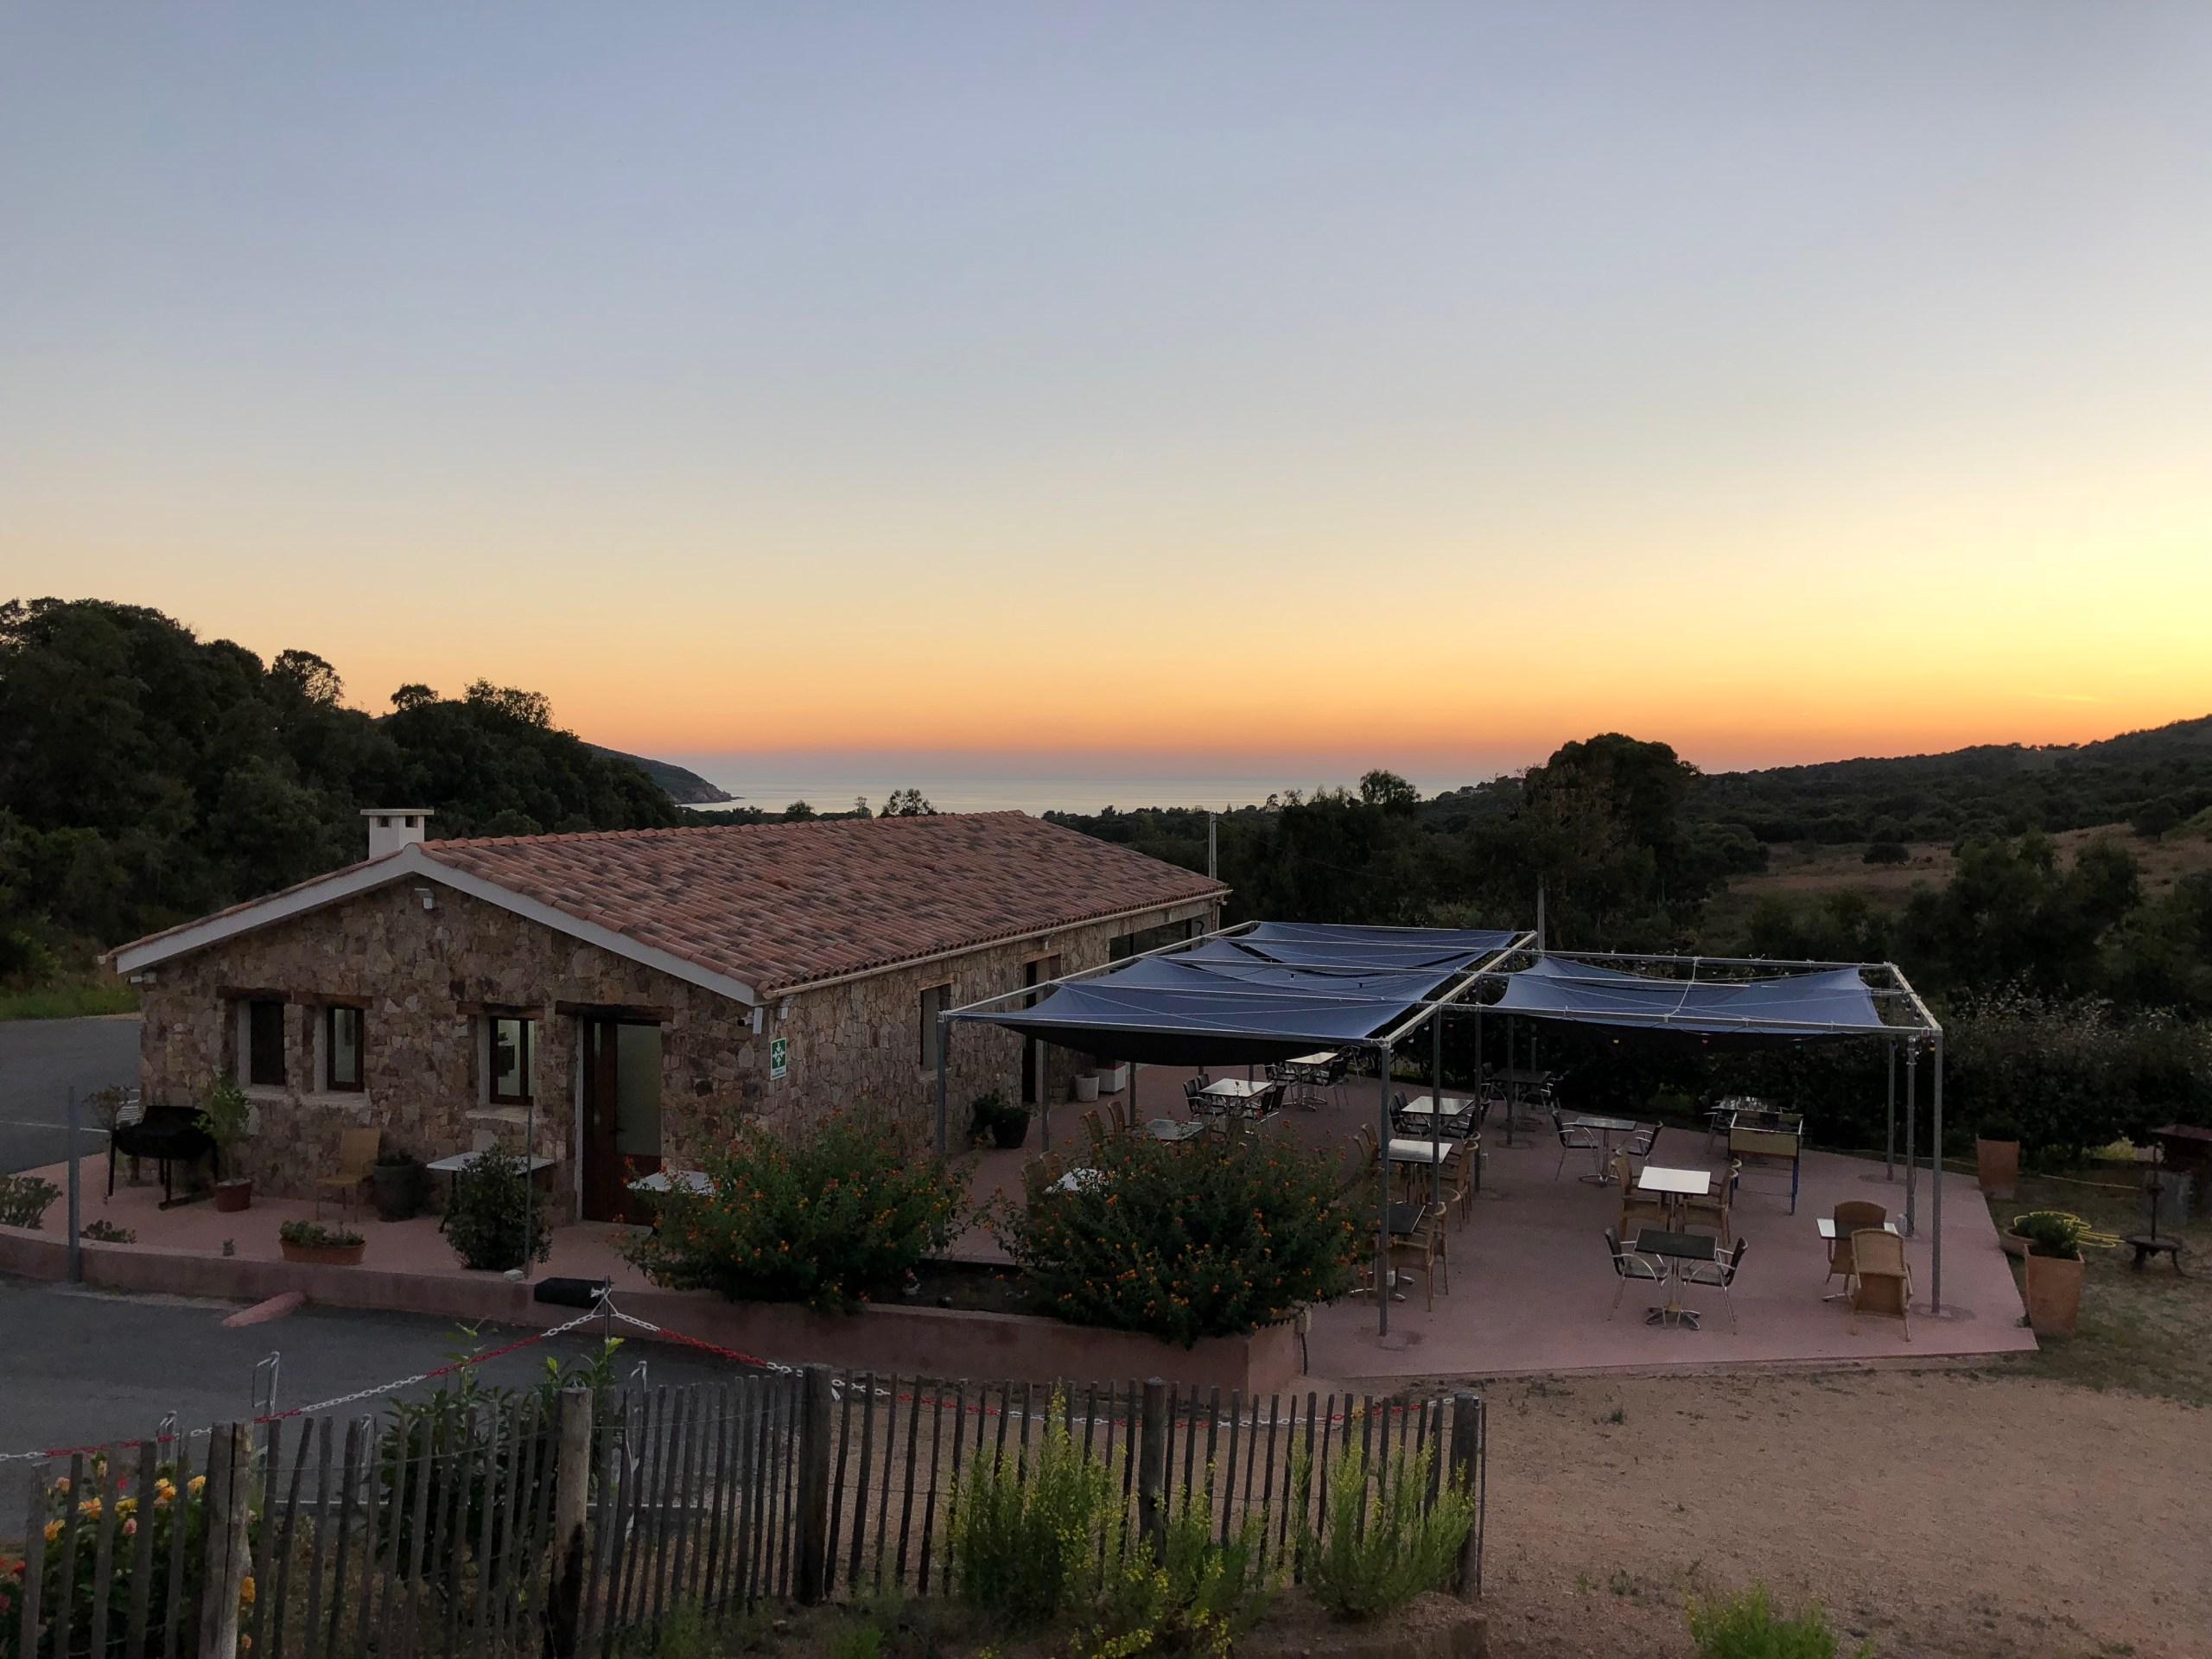 Vue panoramique - Camping à la Ferme Le Mandriale à Cargese, Corse-du-Sud